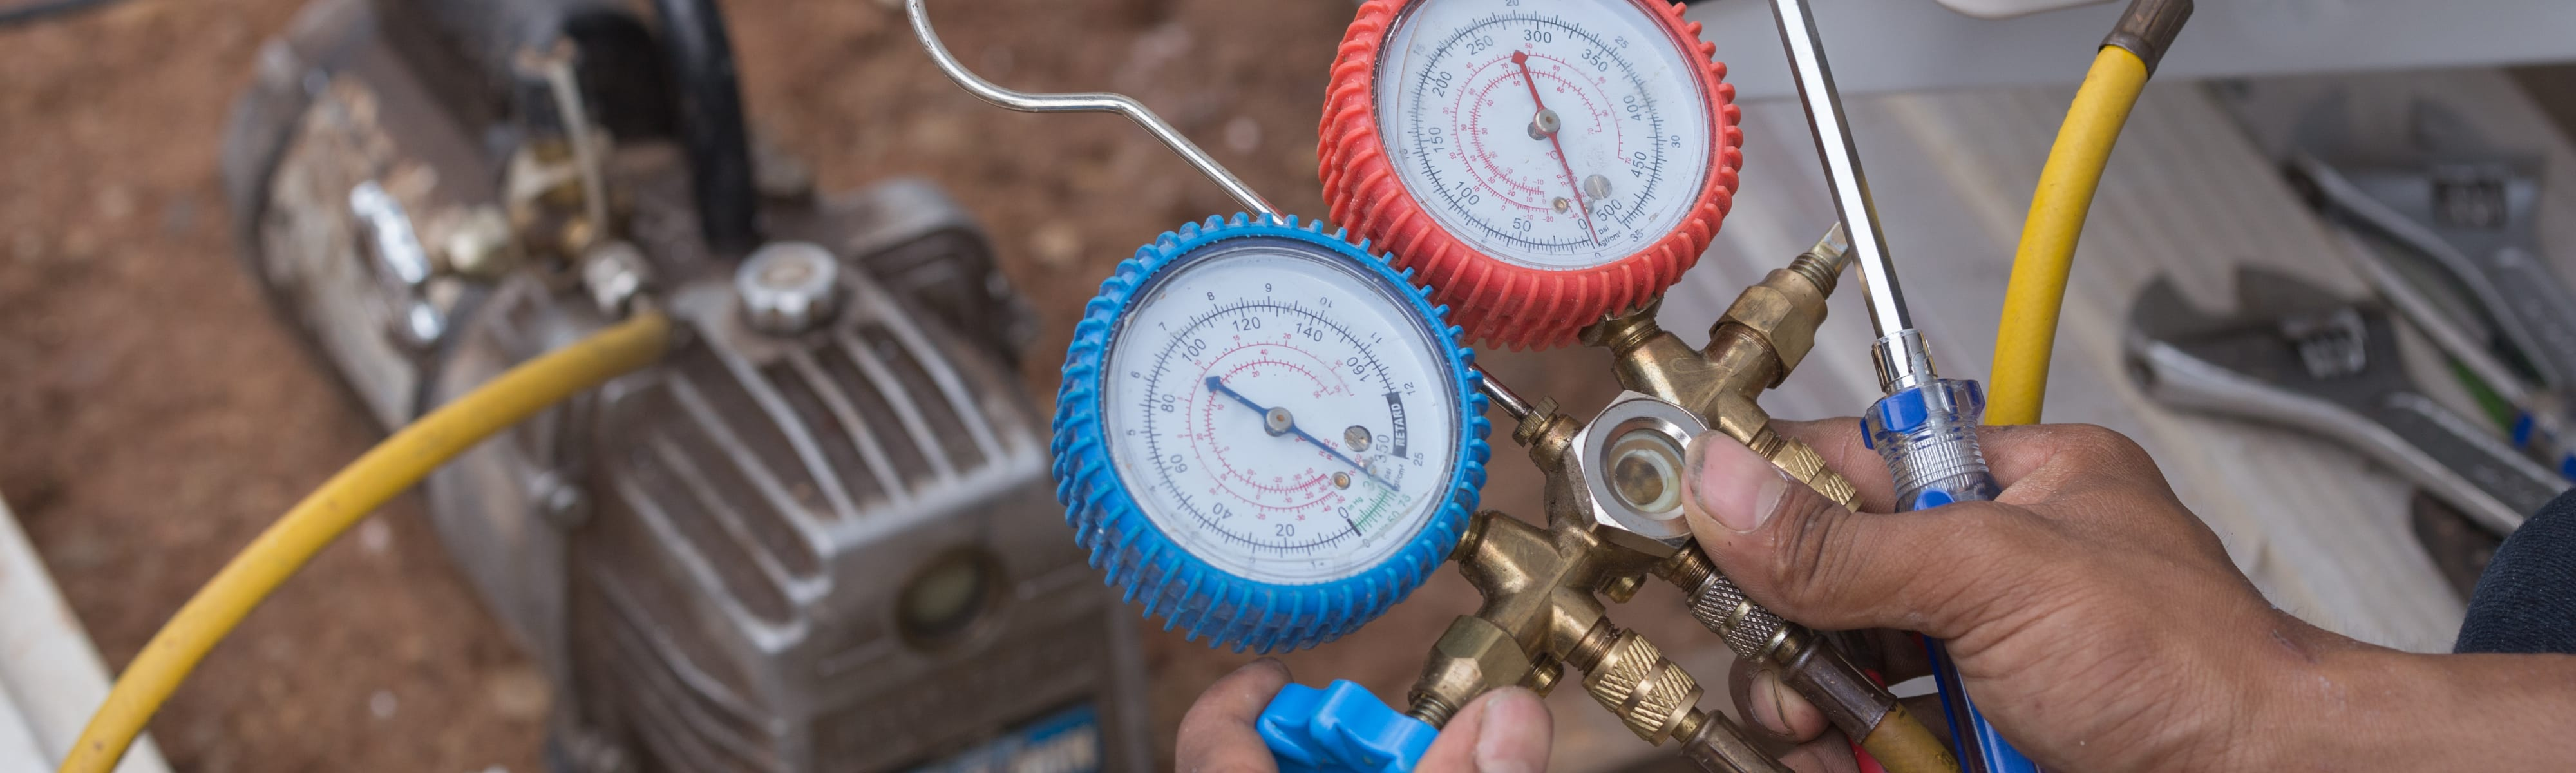 Vacuum pump evacuates air from the air conditioner.